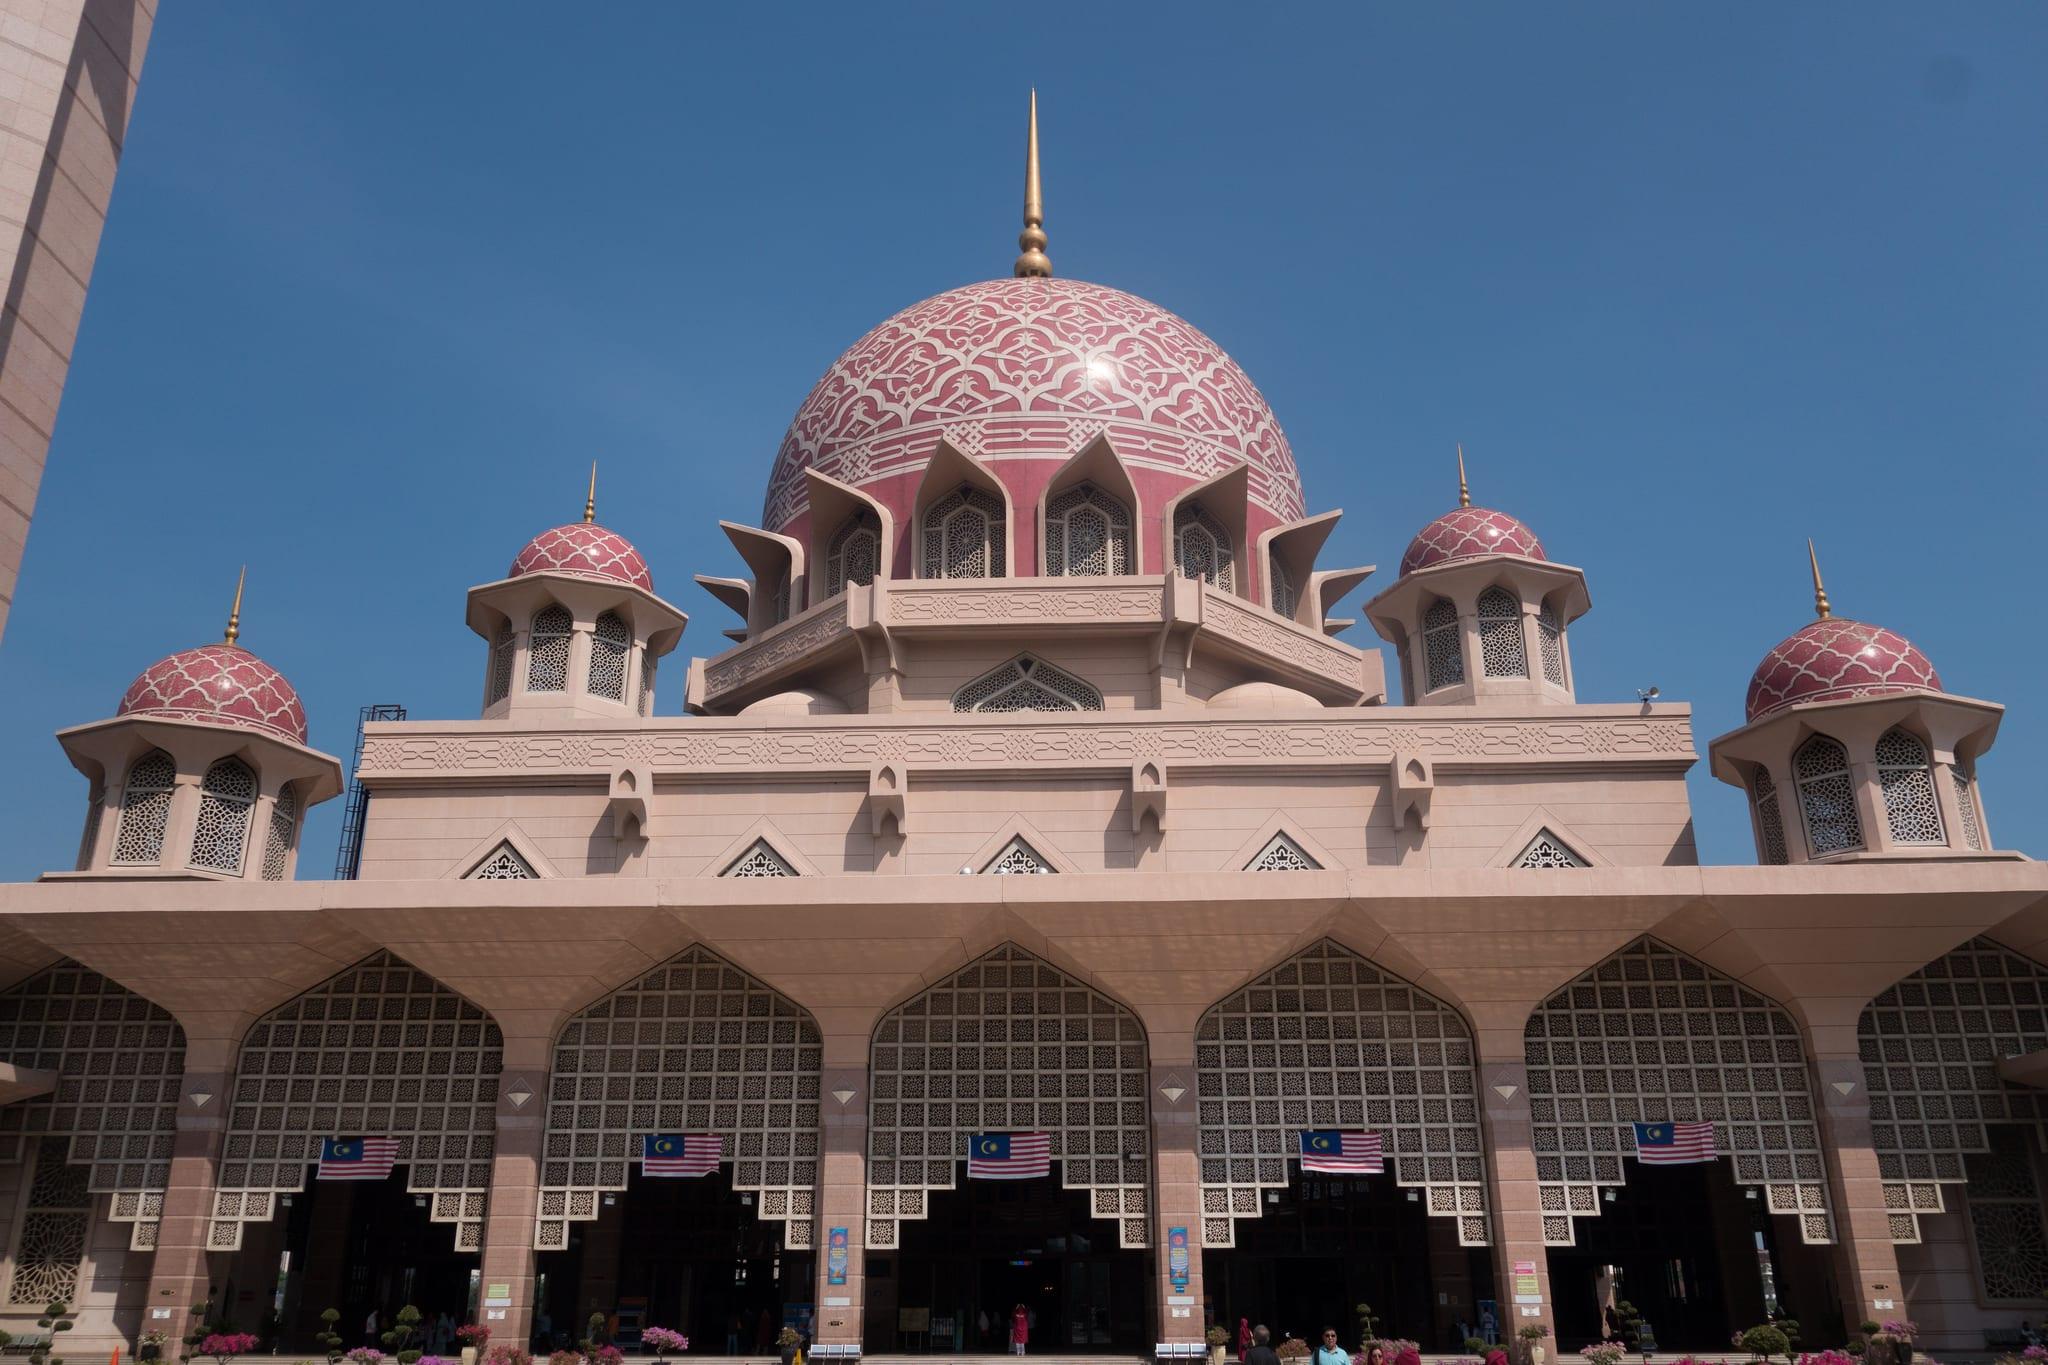 少女顏色的清真寺圓弧屋頂。來源:http://bit.ly/2zyHCtc。